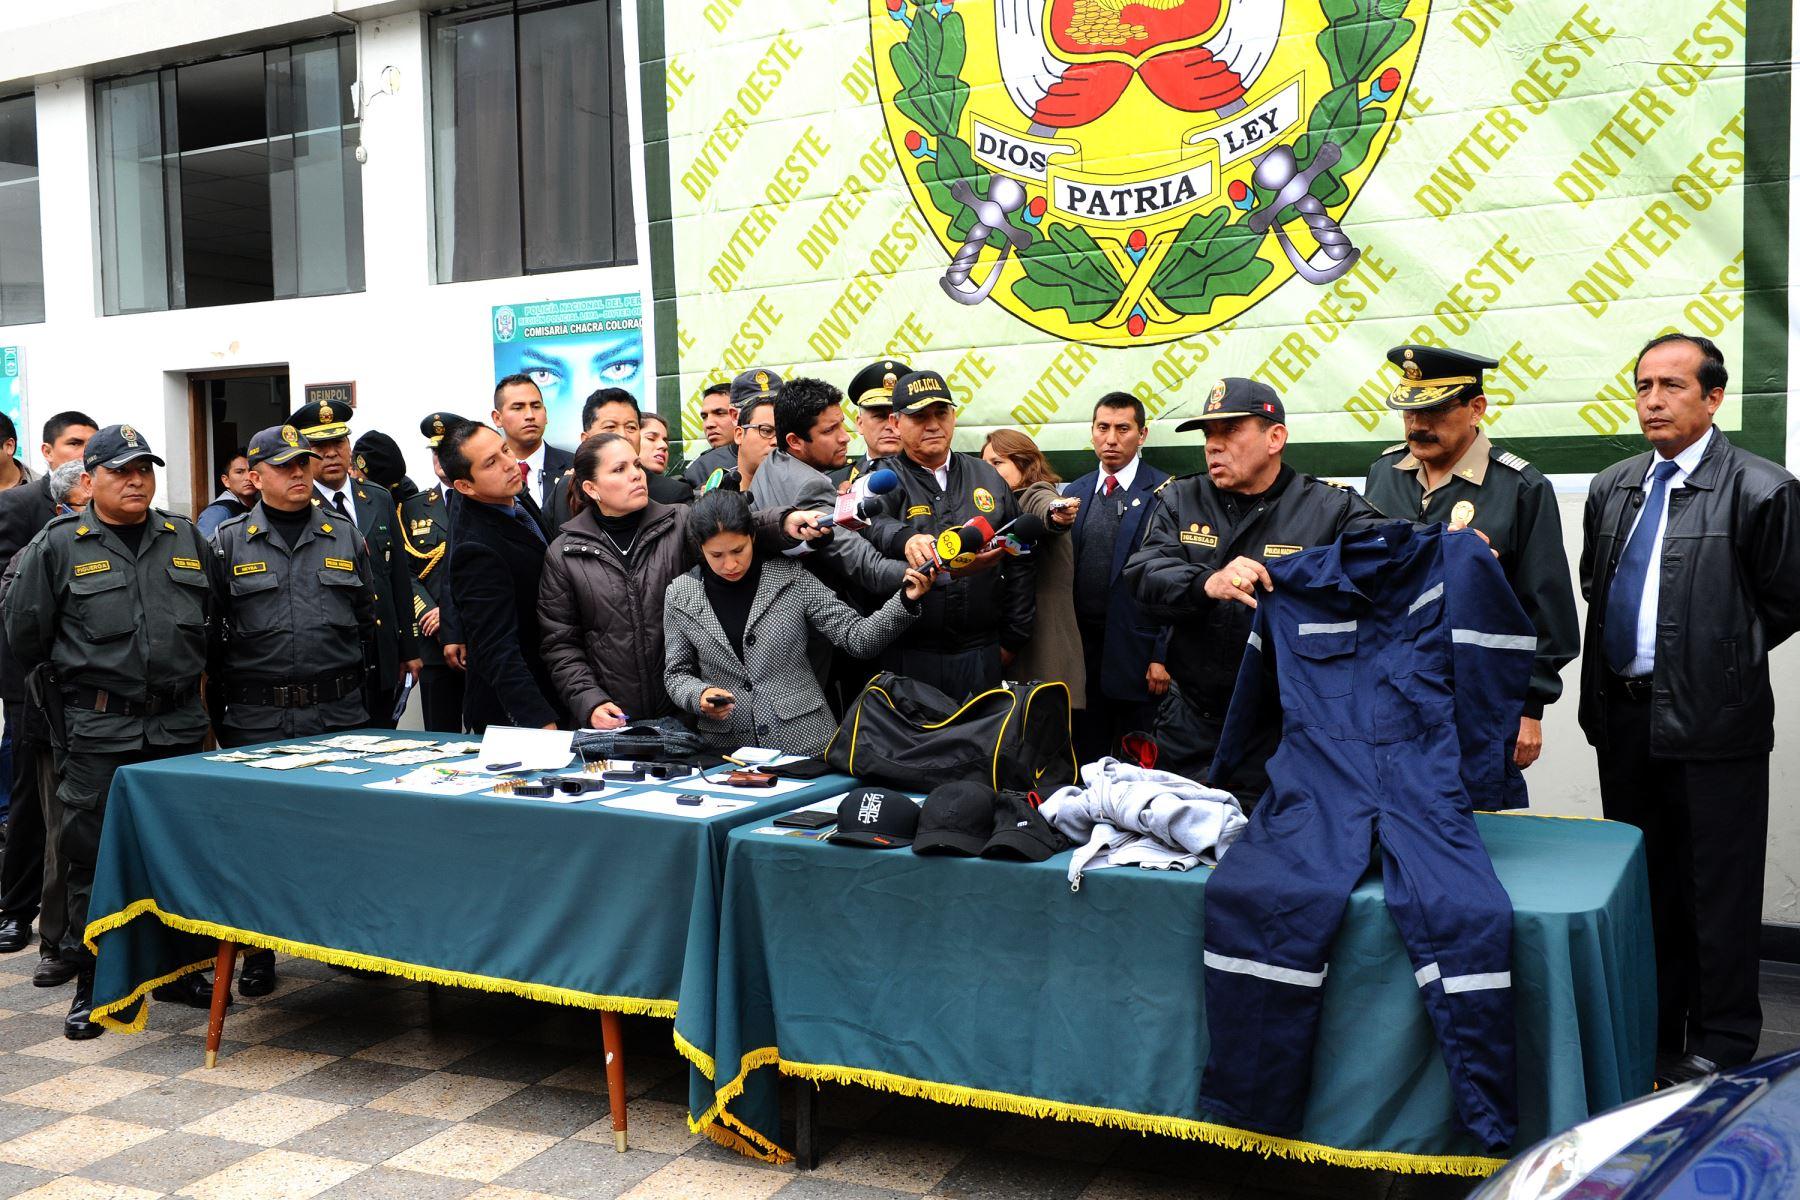 El ministro del Interior, Daniel Urresti, destaca la rápida intervención policial para frustrar el asalto a un banco en Lima, y el apoyo decidido de los vecinos de la zona, lo que posibilitó la detención de un delincuente en Breña. Difusión